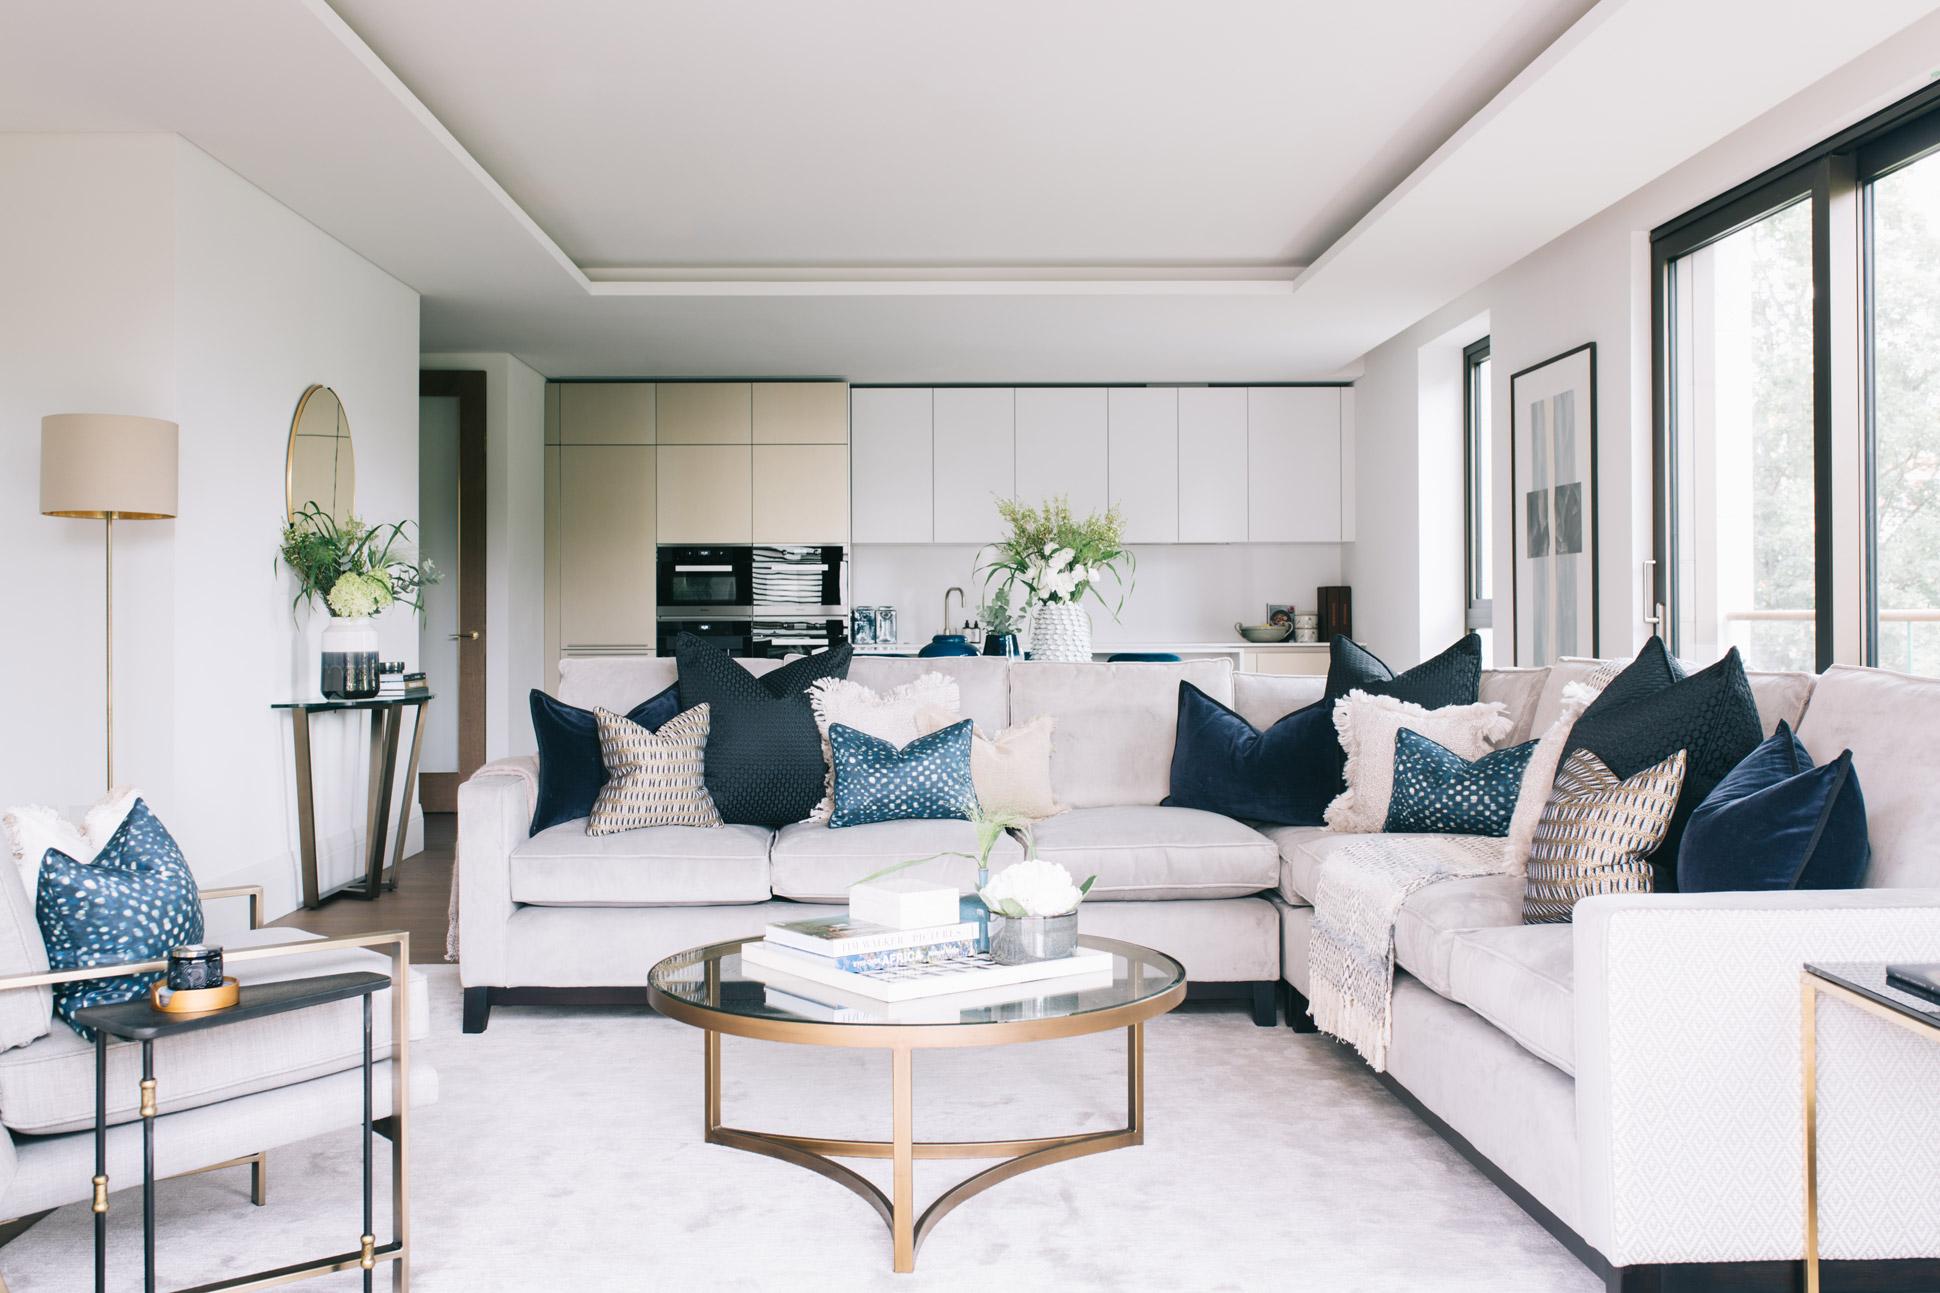 A_LONDON_Holland_Park_Villas_02_Living_Room.jpg